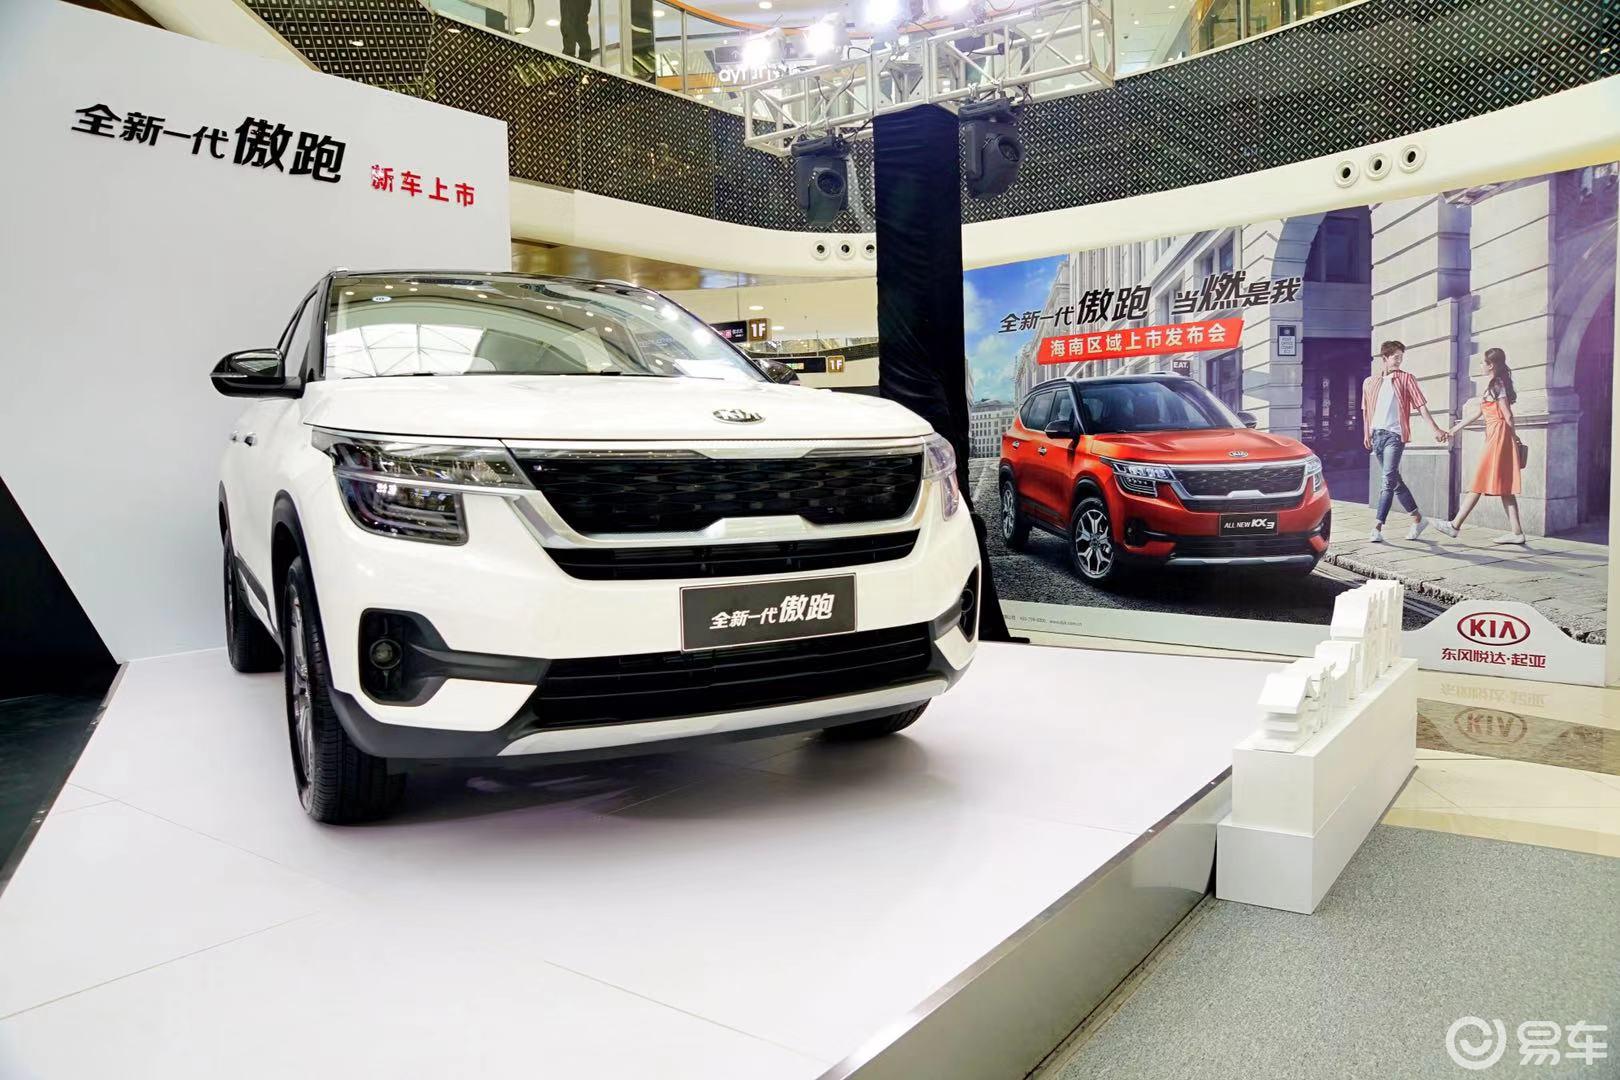 傲跑KX3全新上市,价格亲民,幸福的SUV要来临了!